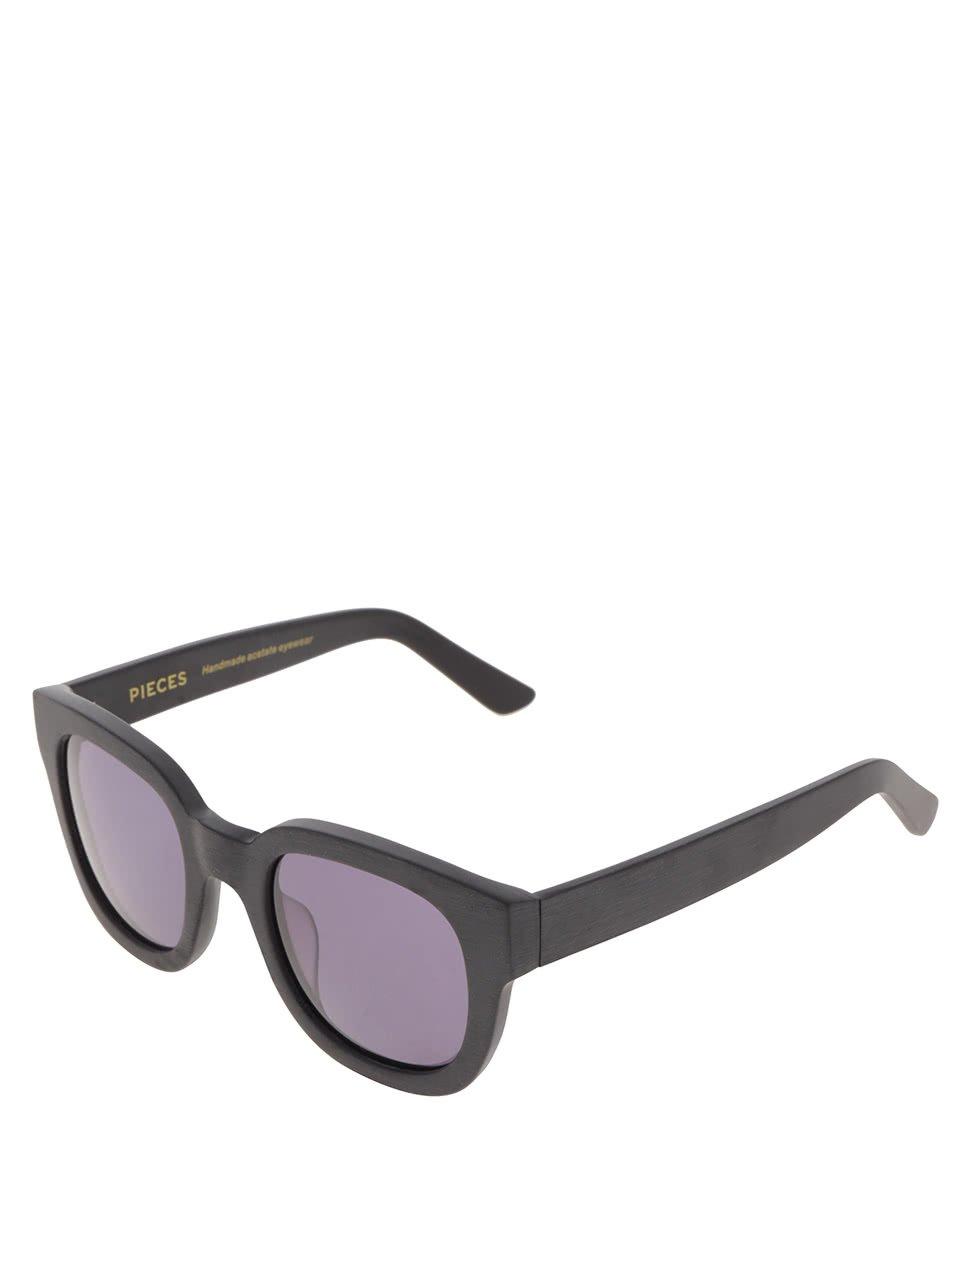 3f4a87dda Čierne slnečné okuliare Pieces Goyo | Moda.sk